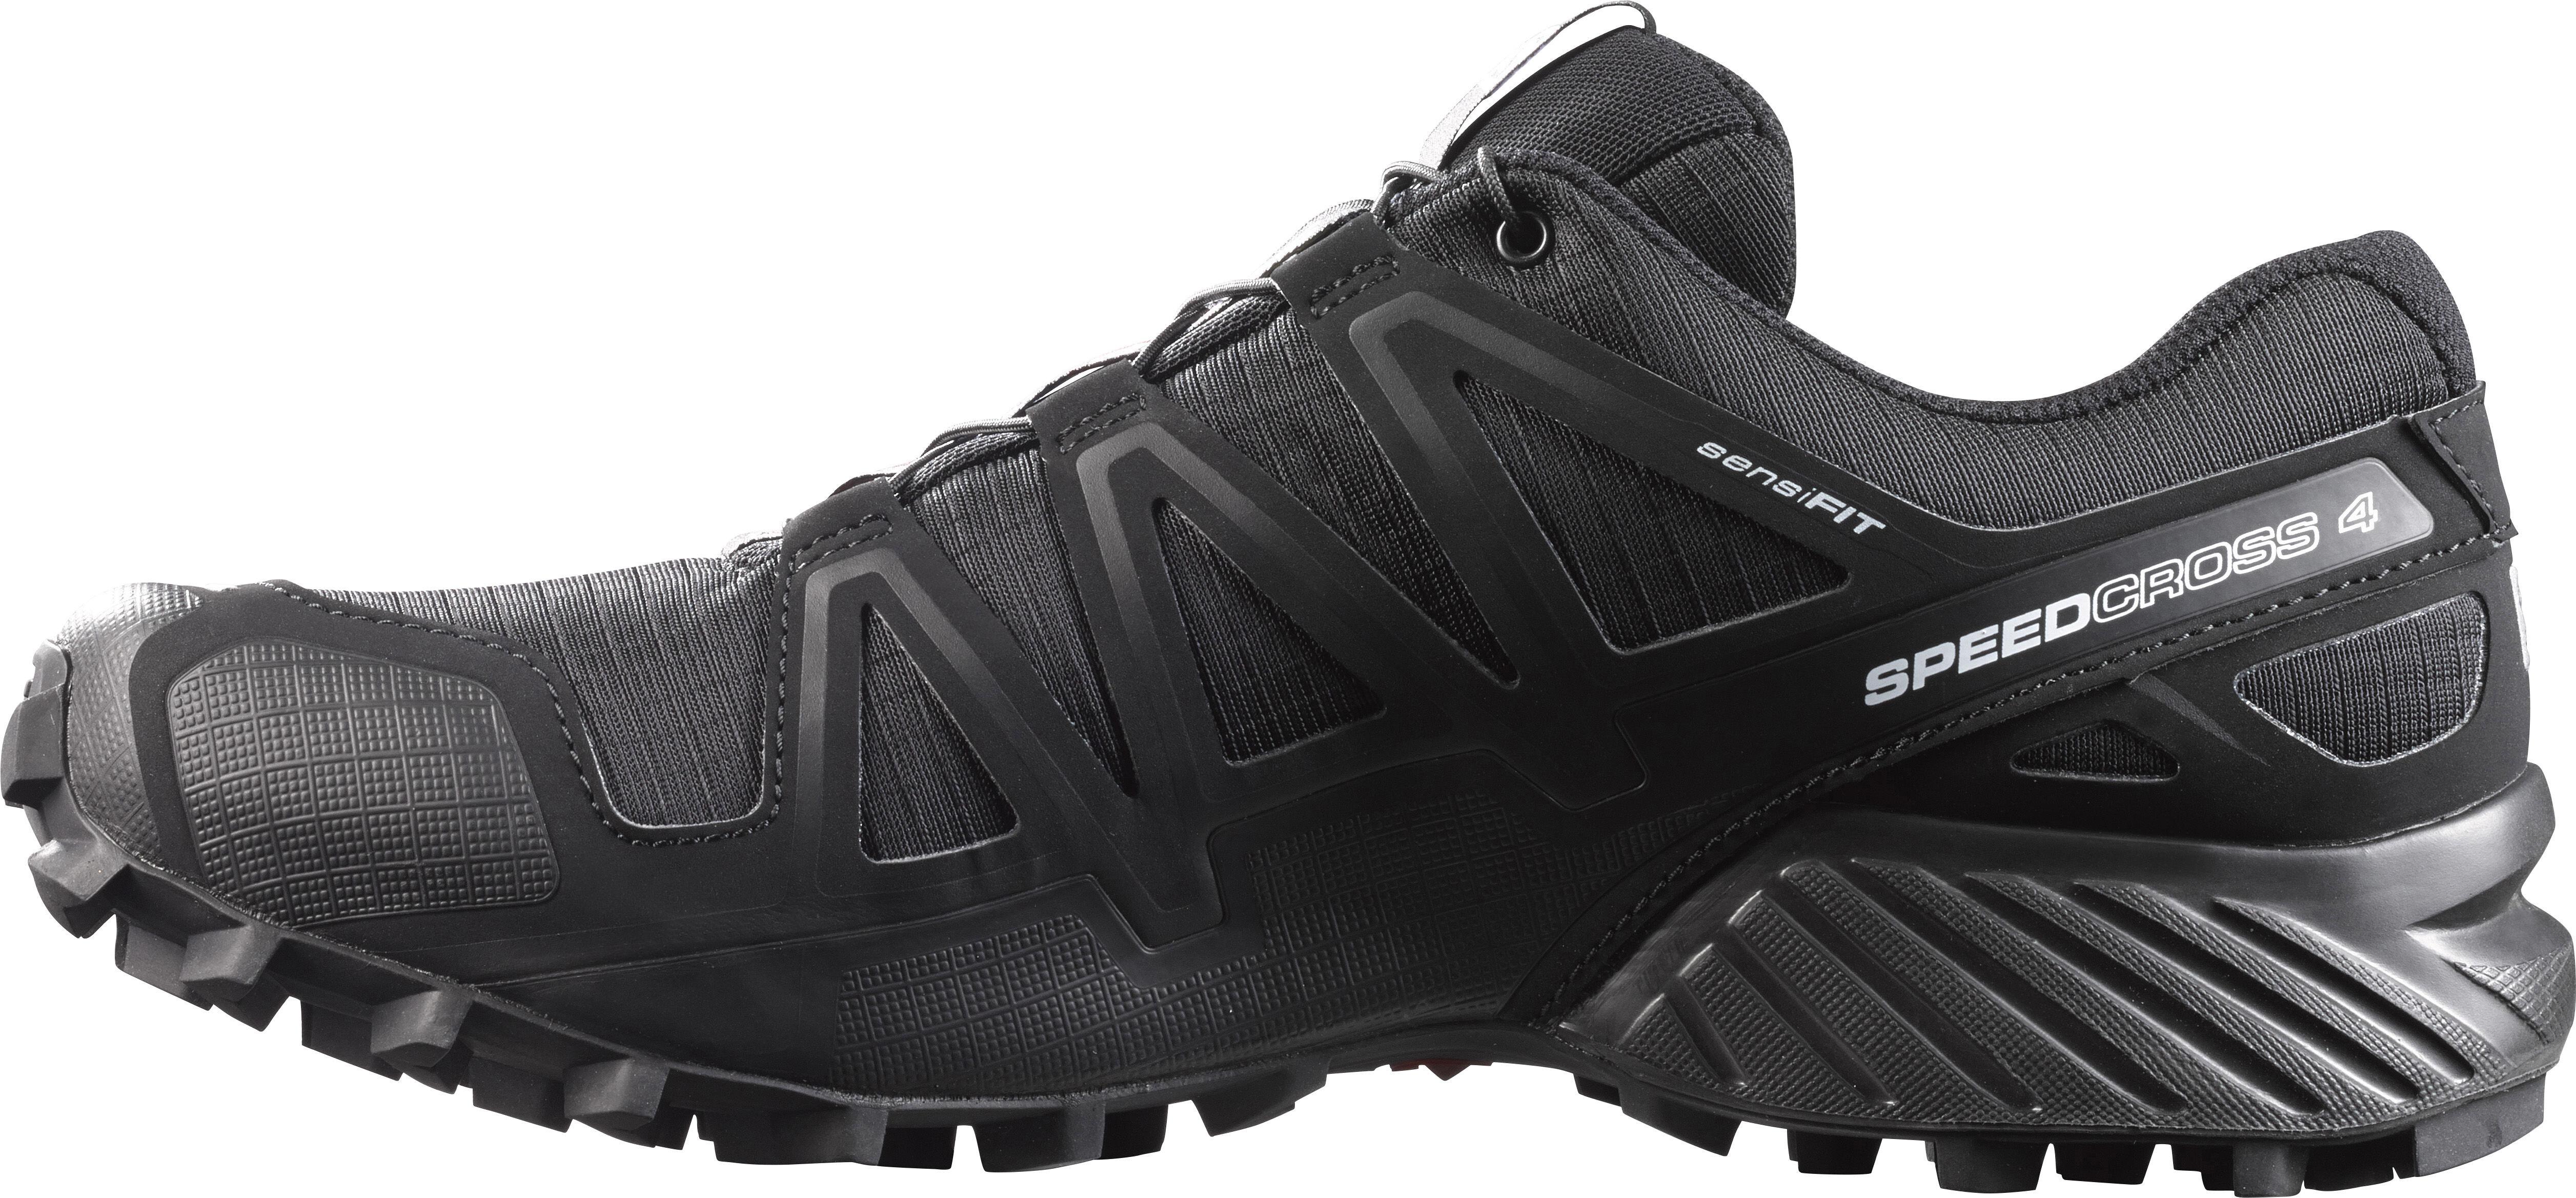 c342a7a8adf Salomon Speedcross 4 Hardloopschoenen Heren, black/black/black metallic